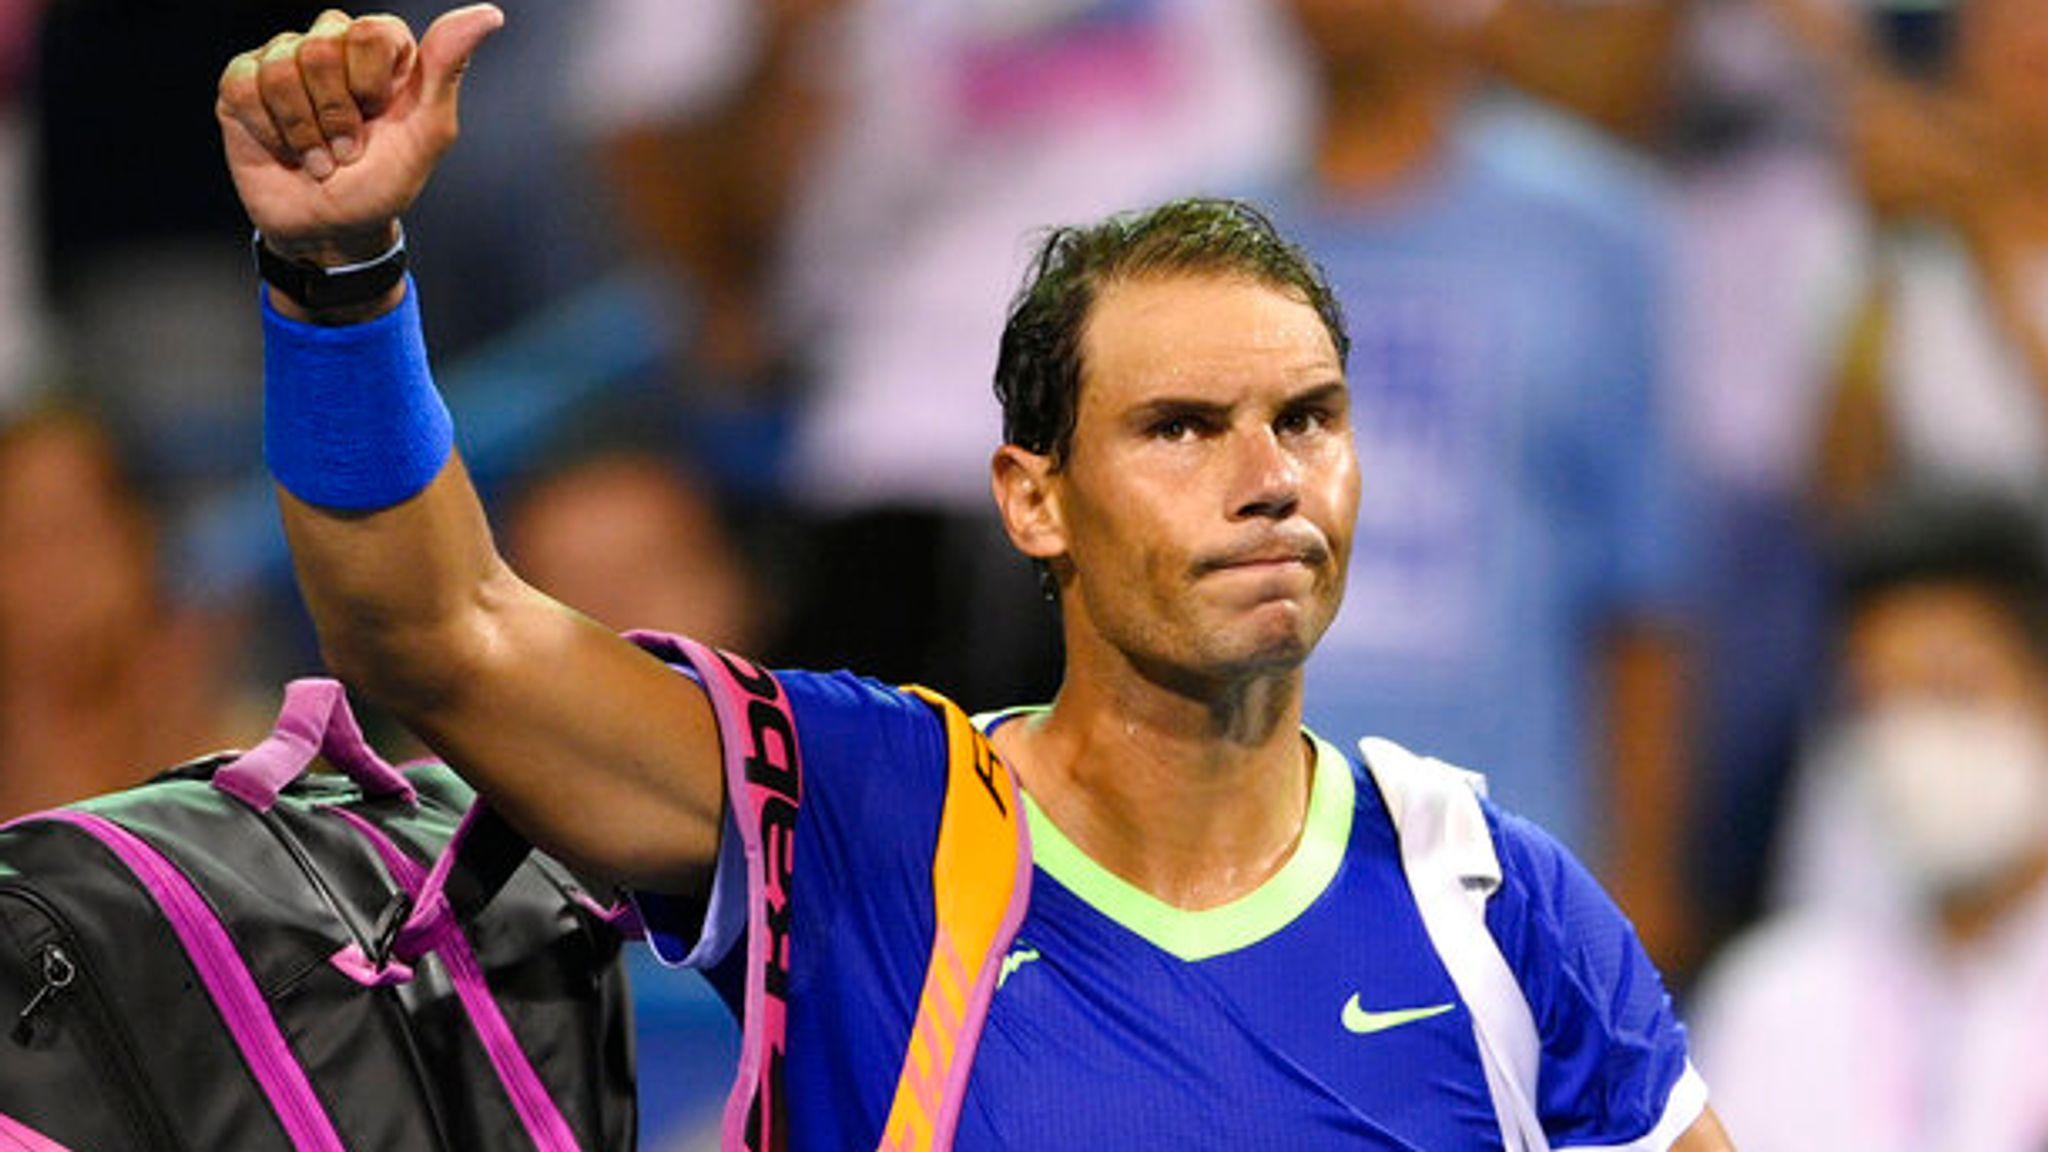 Rafael Nadal à annoncé en début d'après-midi qu'il arrêter sa saison à cause de ses problèmes de santé et insiste ses fans à se faire vacciner.